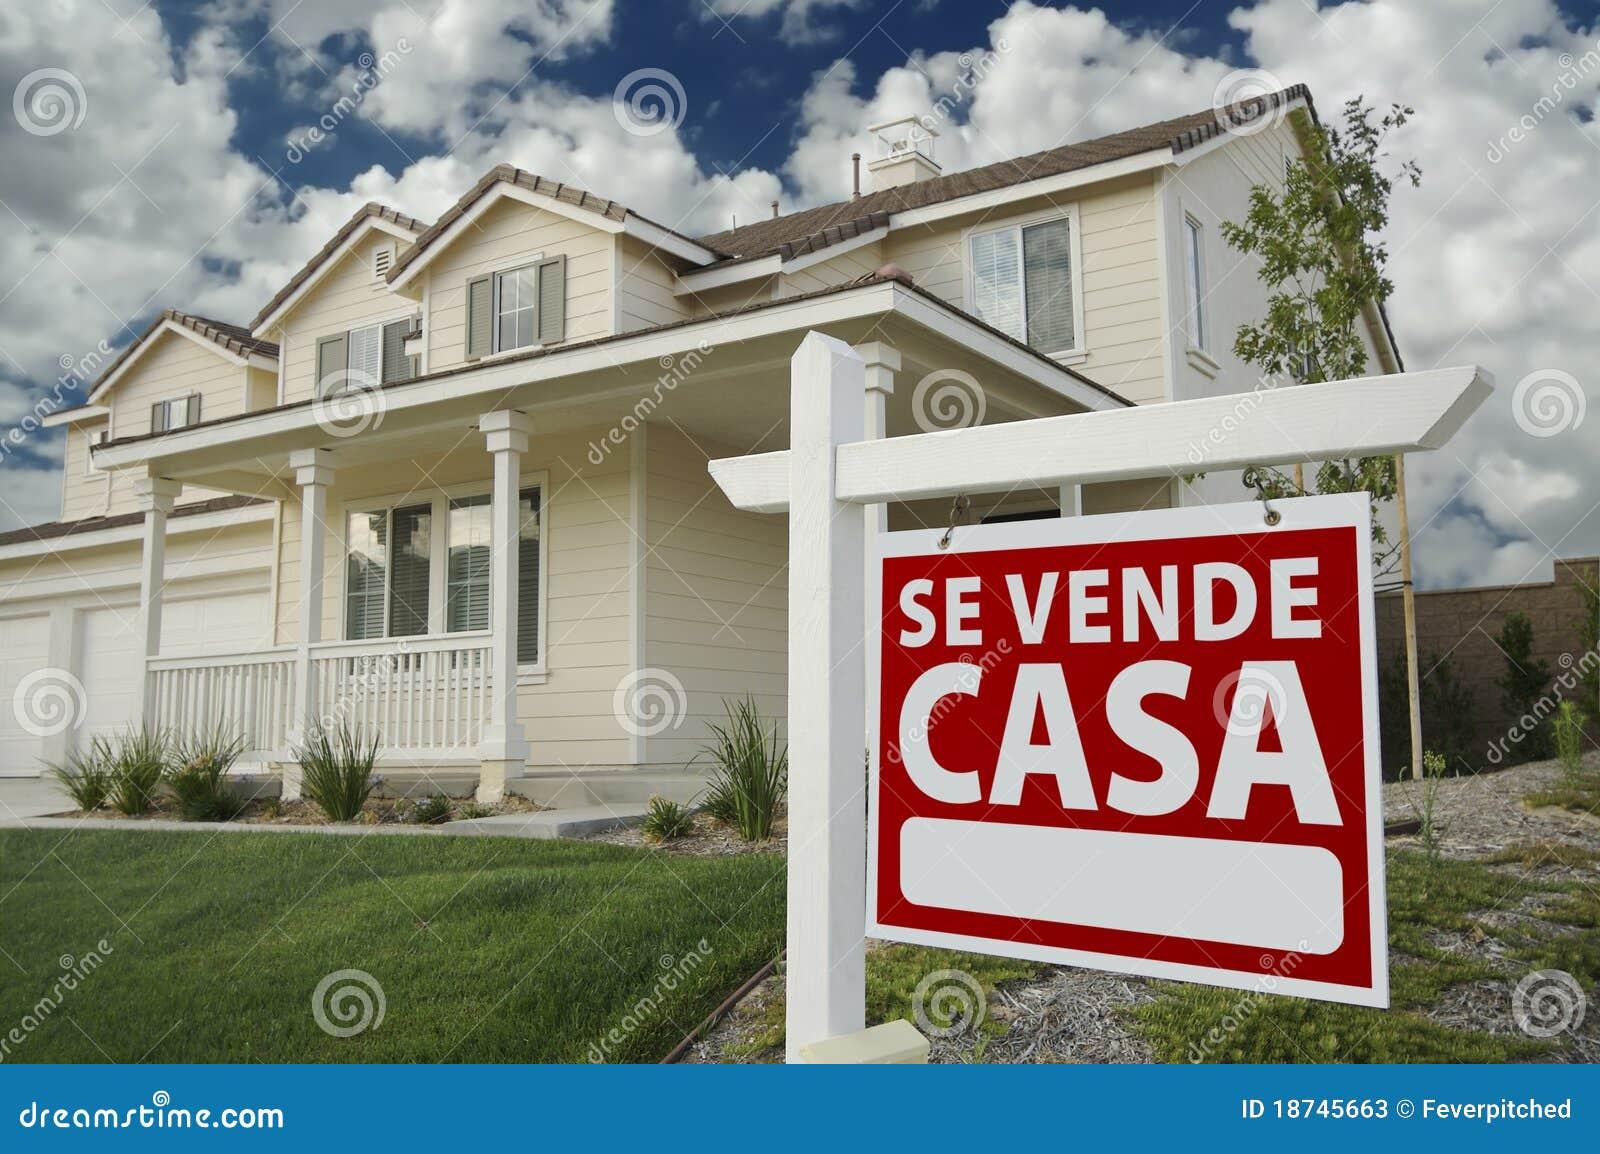 Casa nieruchomości domu reala se szyldowy hiszpański vende